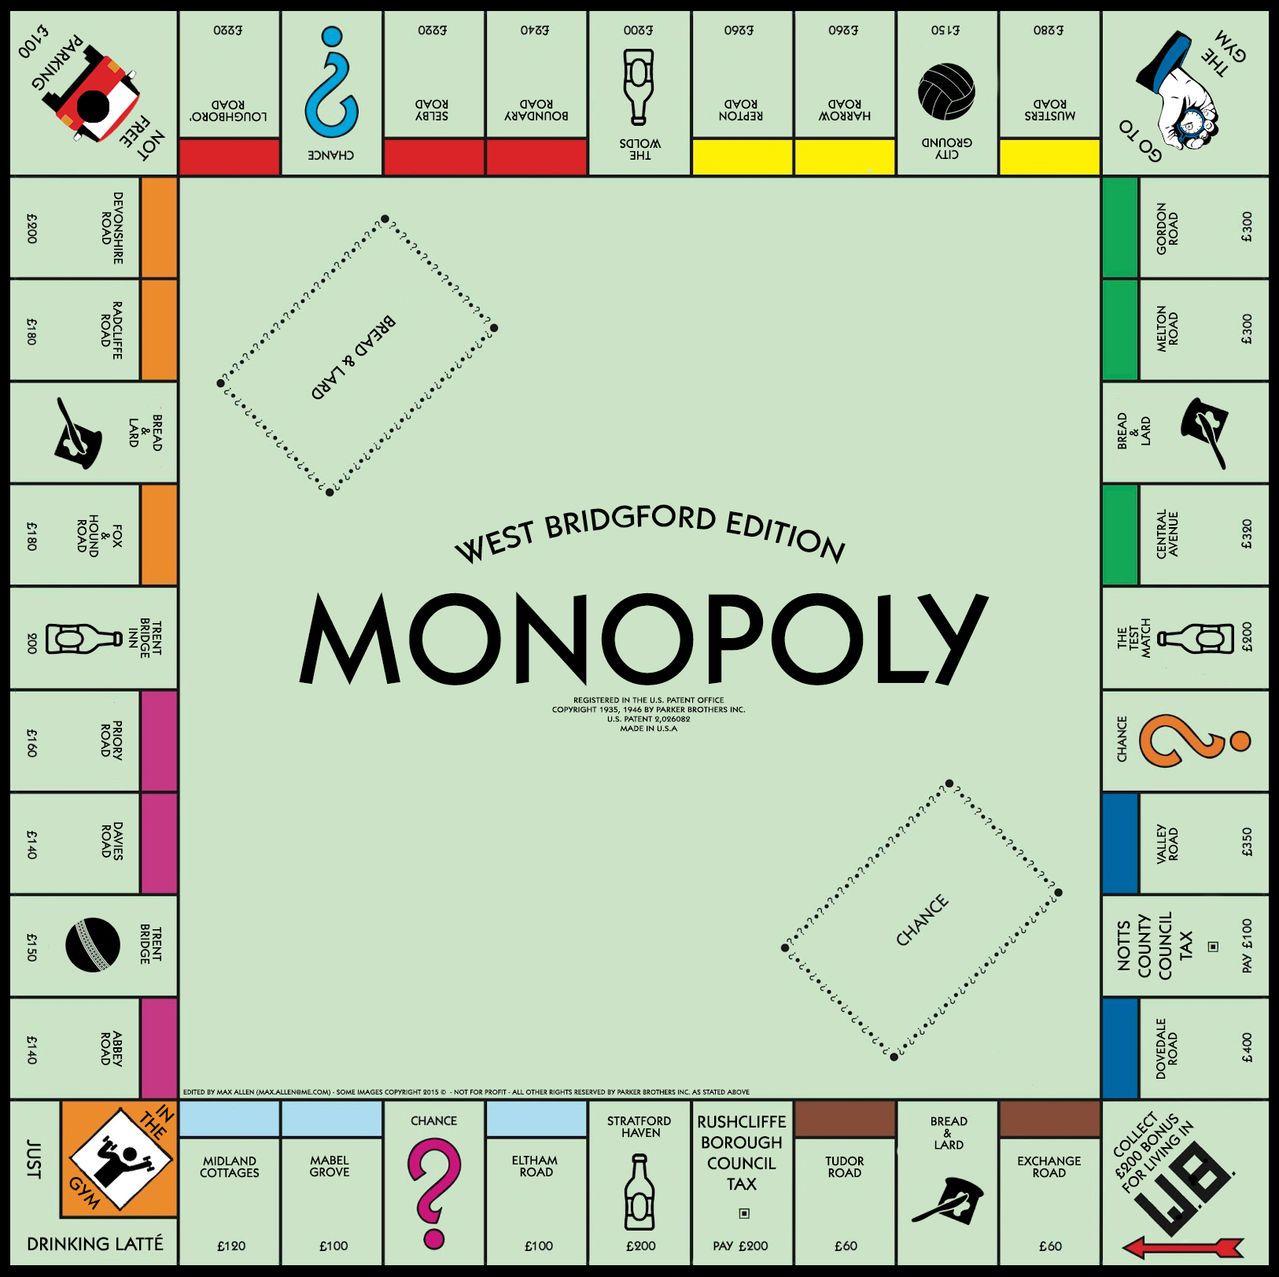 Niedlich Monopol Spielbrett Vorlage Fotos - Entry Level Resume ...